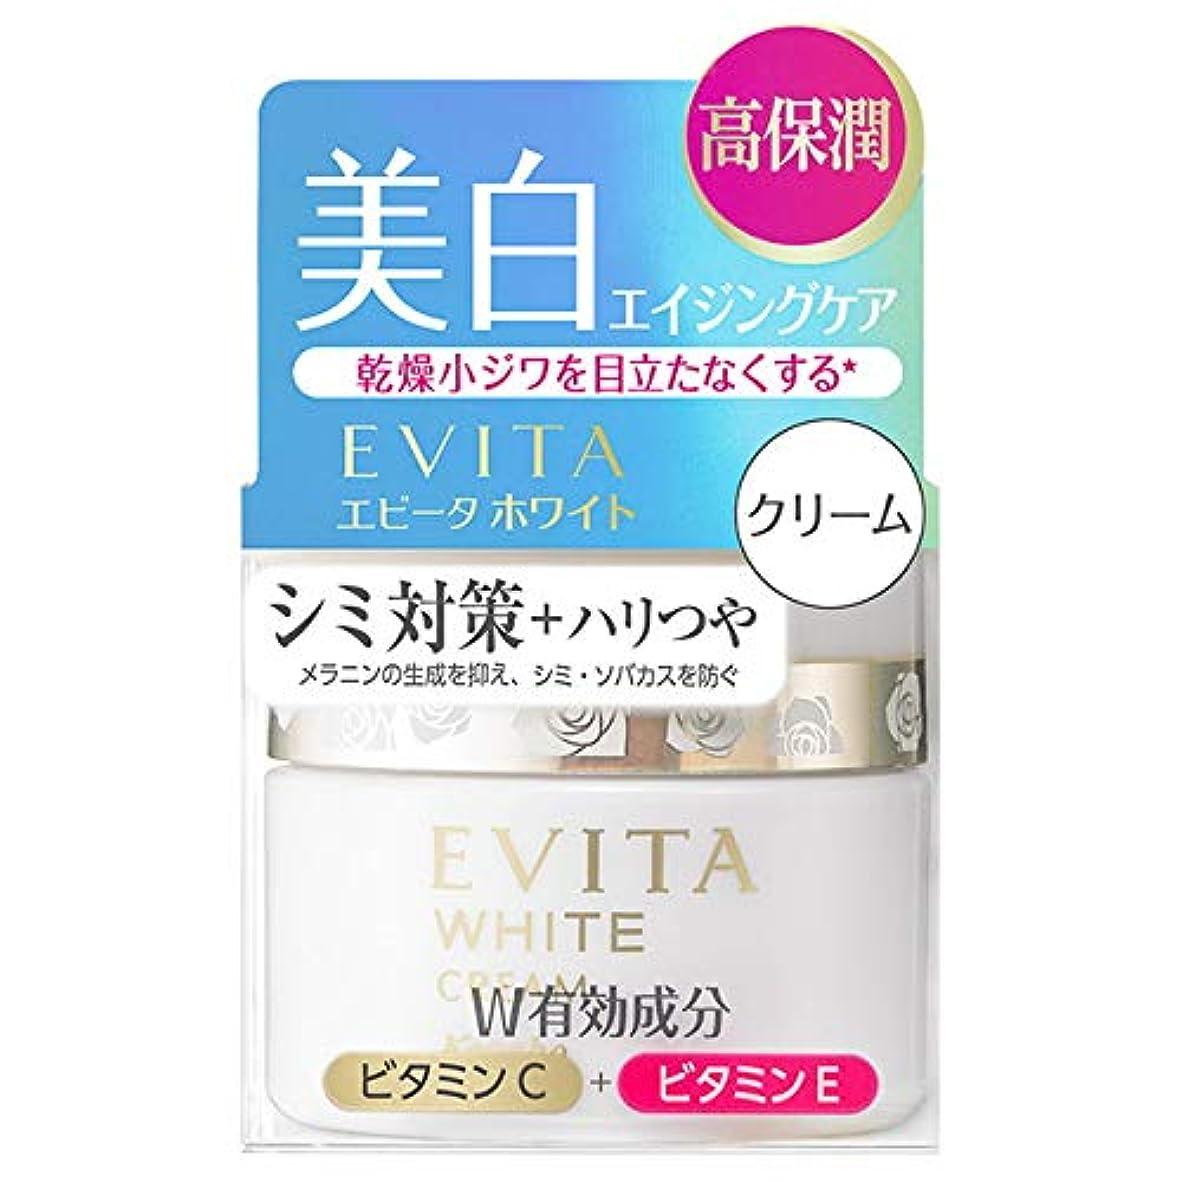 甘味分布材料カネボウ エビータ ホワイトクリームV 35g [医薬部外品]